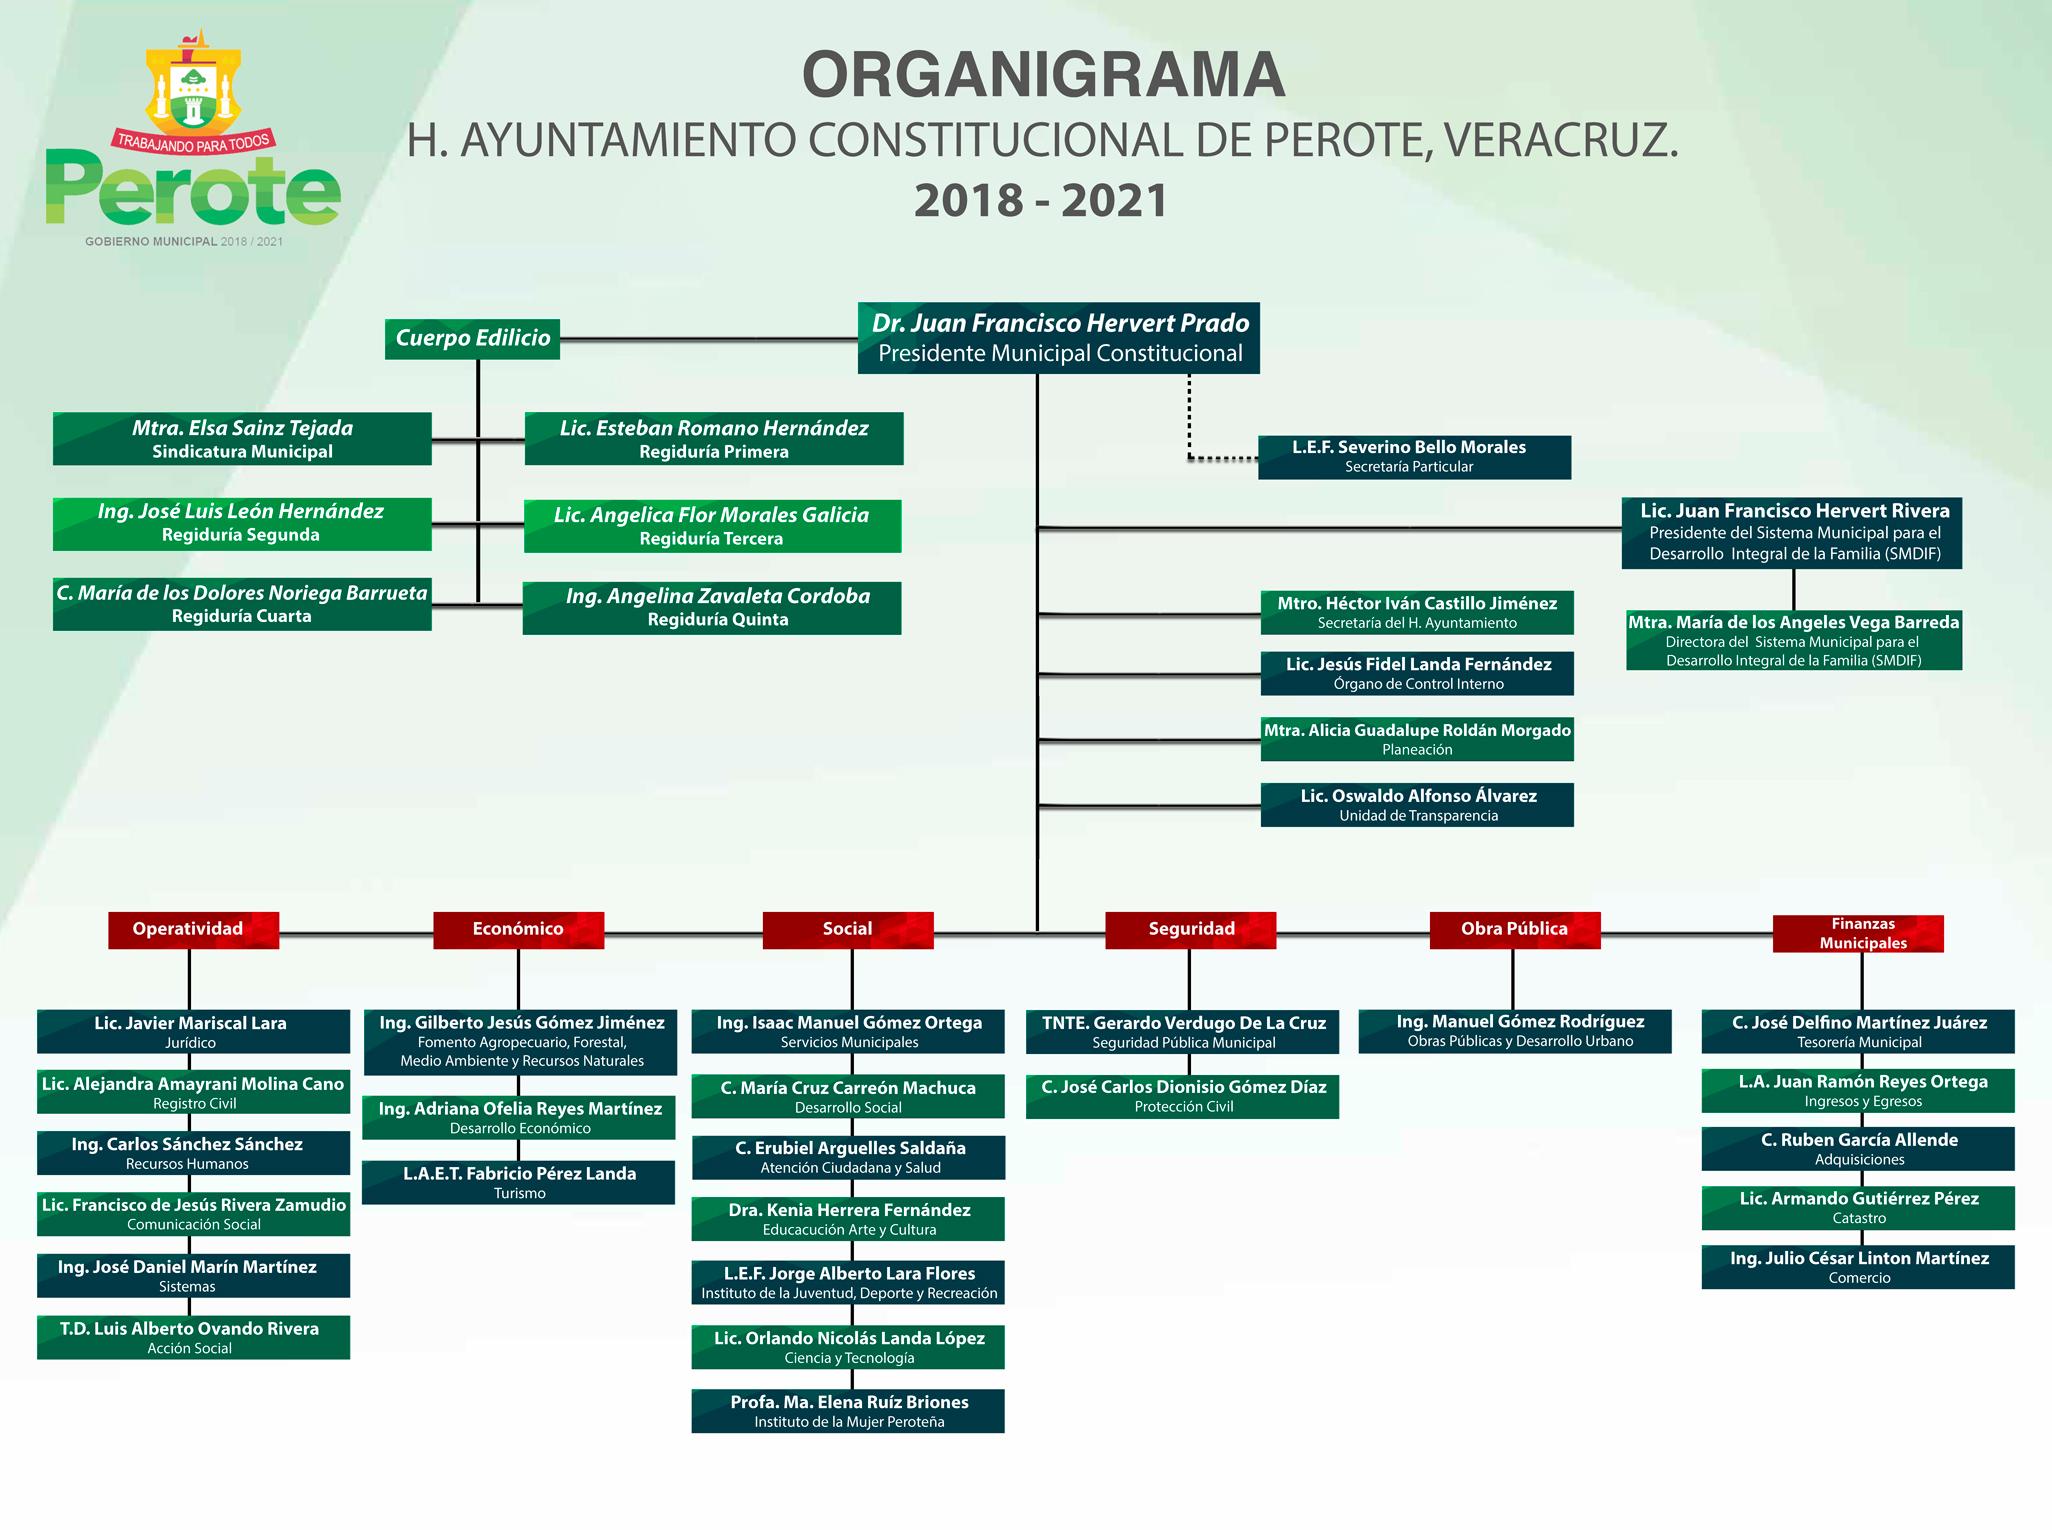 Estructura Orgánica Ayuntamiento De Perote 2018 2021